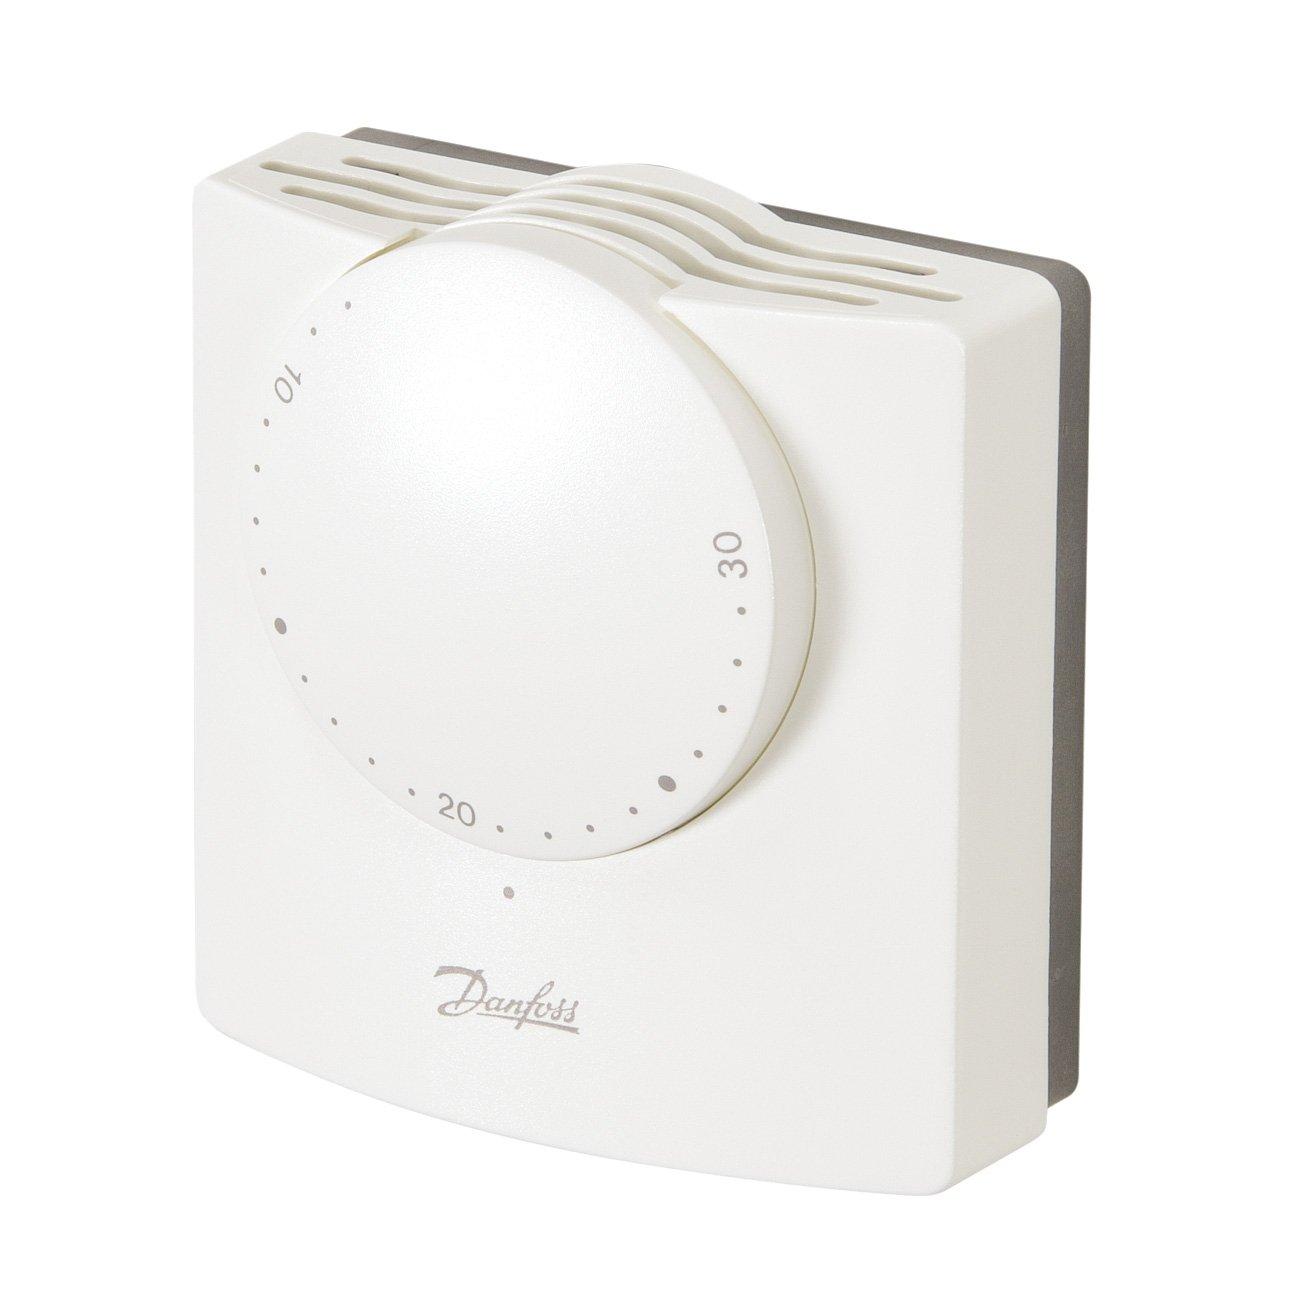 Danfoss - Thermostat d'ambiance - Thermostat d'ambiance é lectromé canique RMT 24V + ré sistance anticipatrice - Danfoss 087N1196 rmt-24